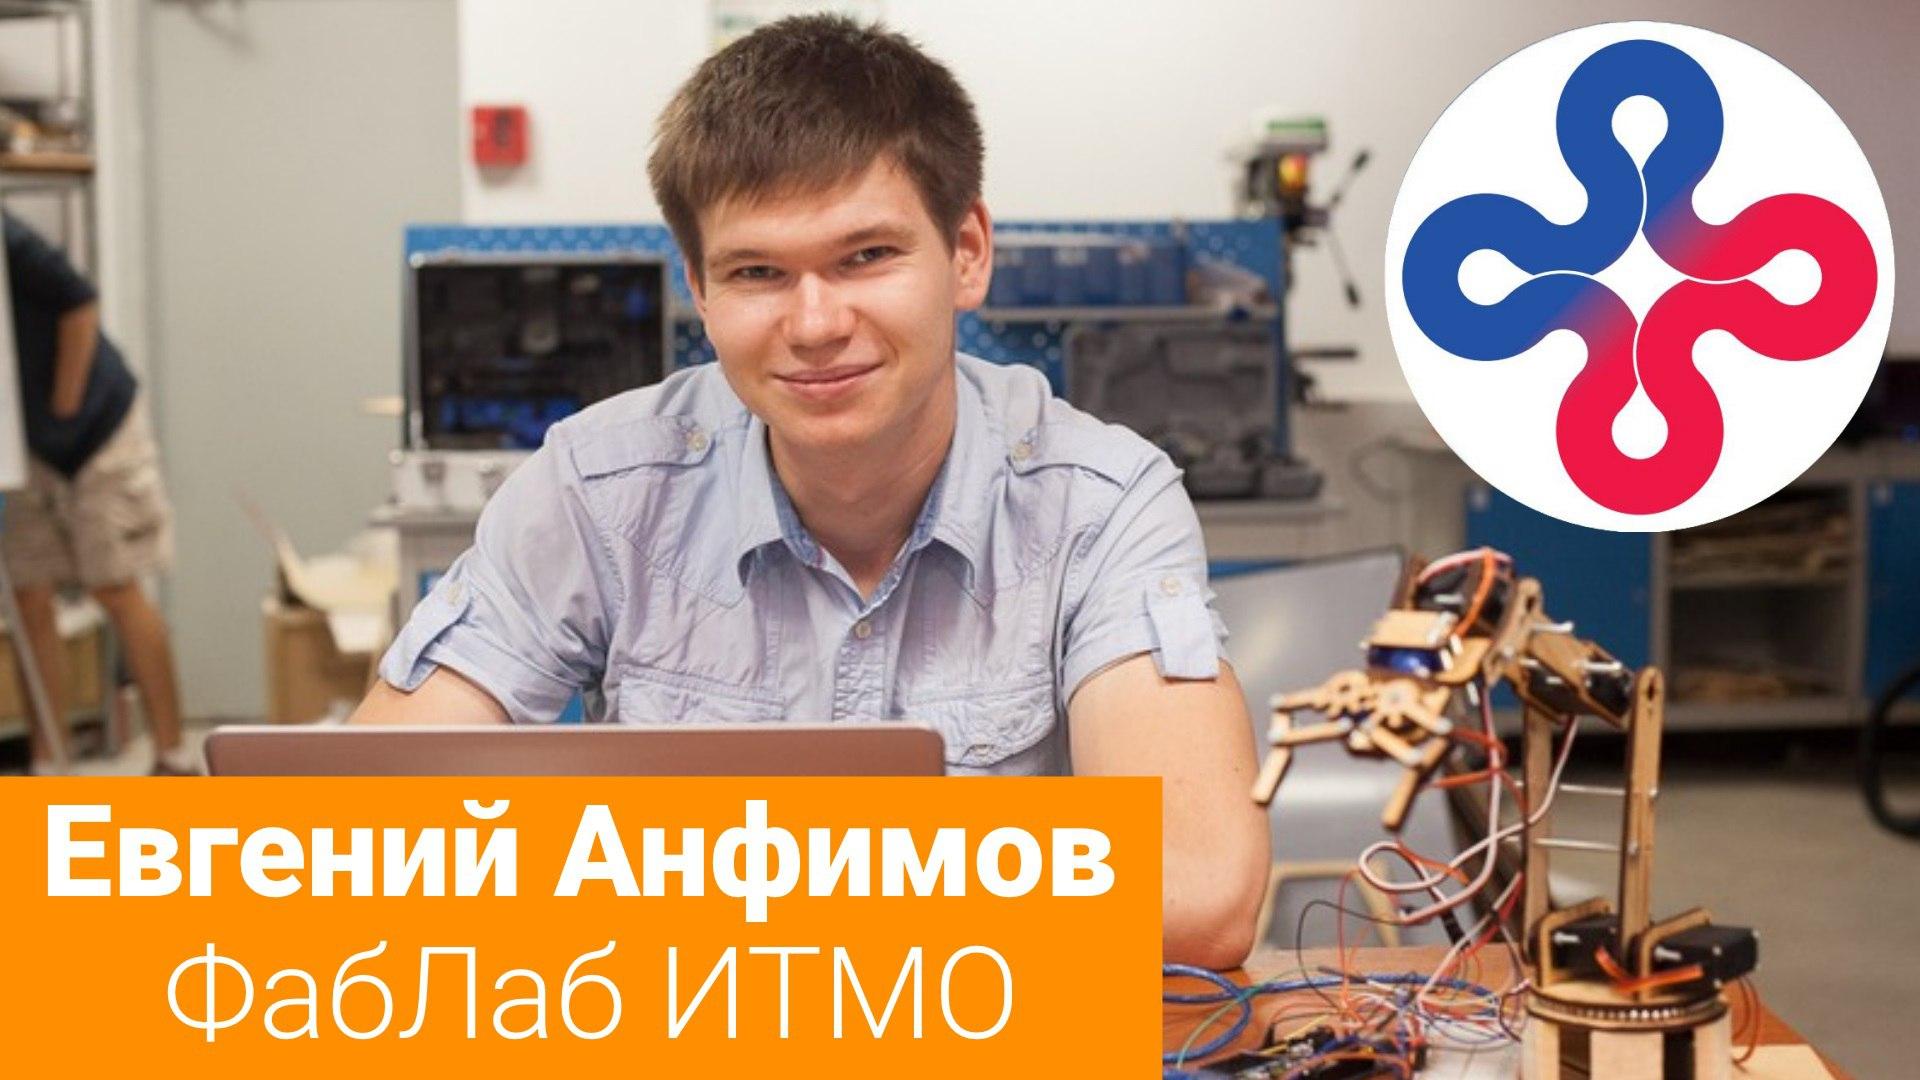 [Видео] Выпуск с Евгением Анфимовым — «ФабЛаб Университета ИТМО»